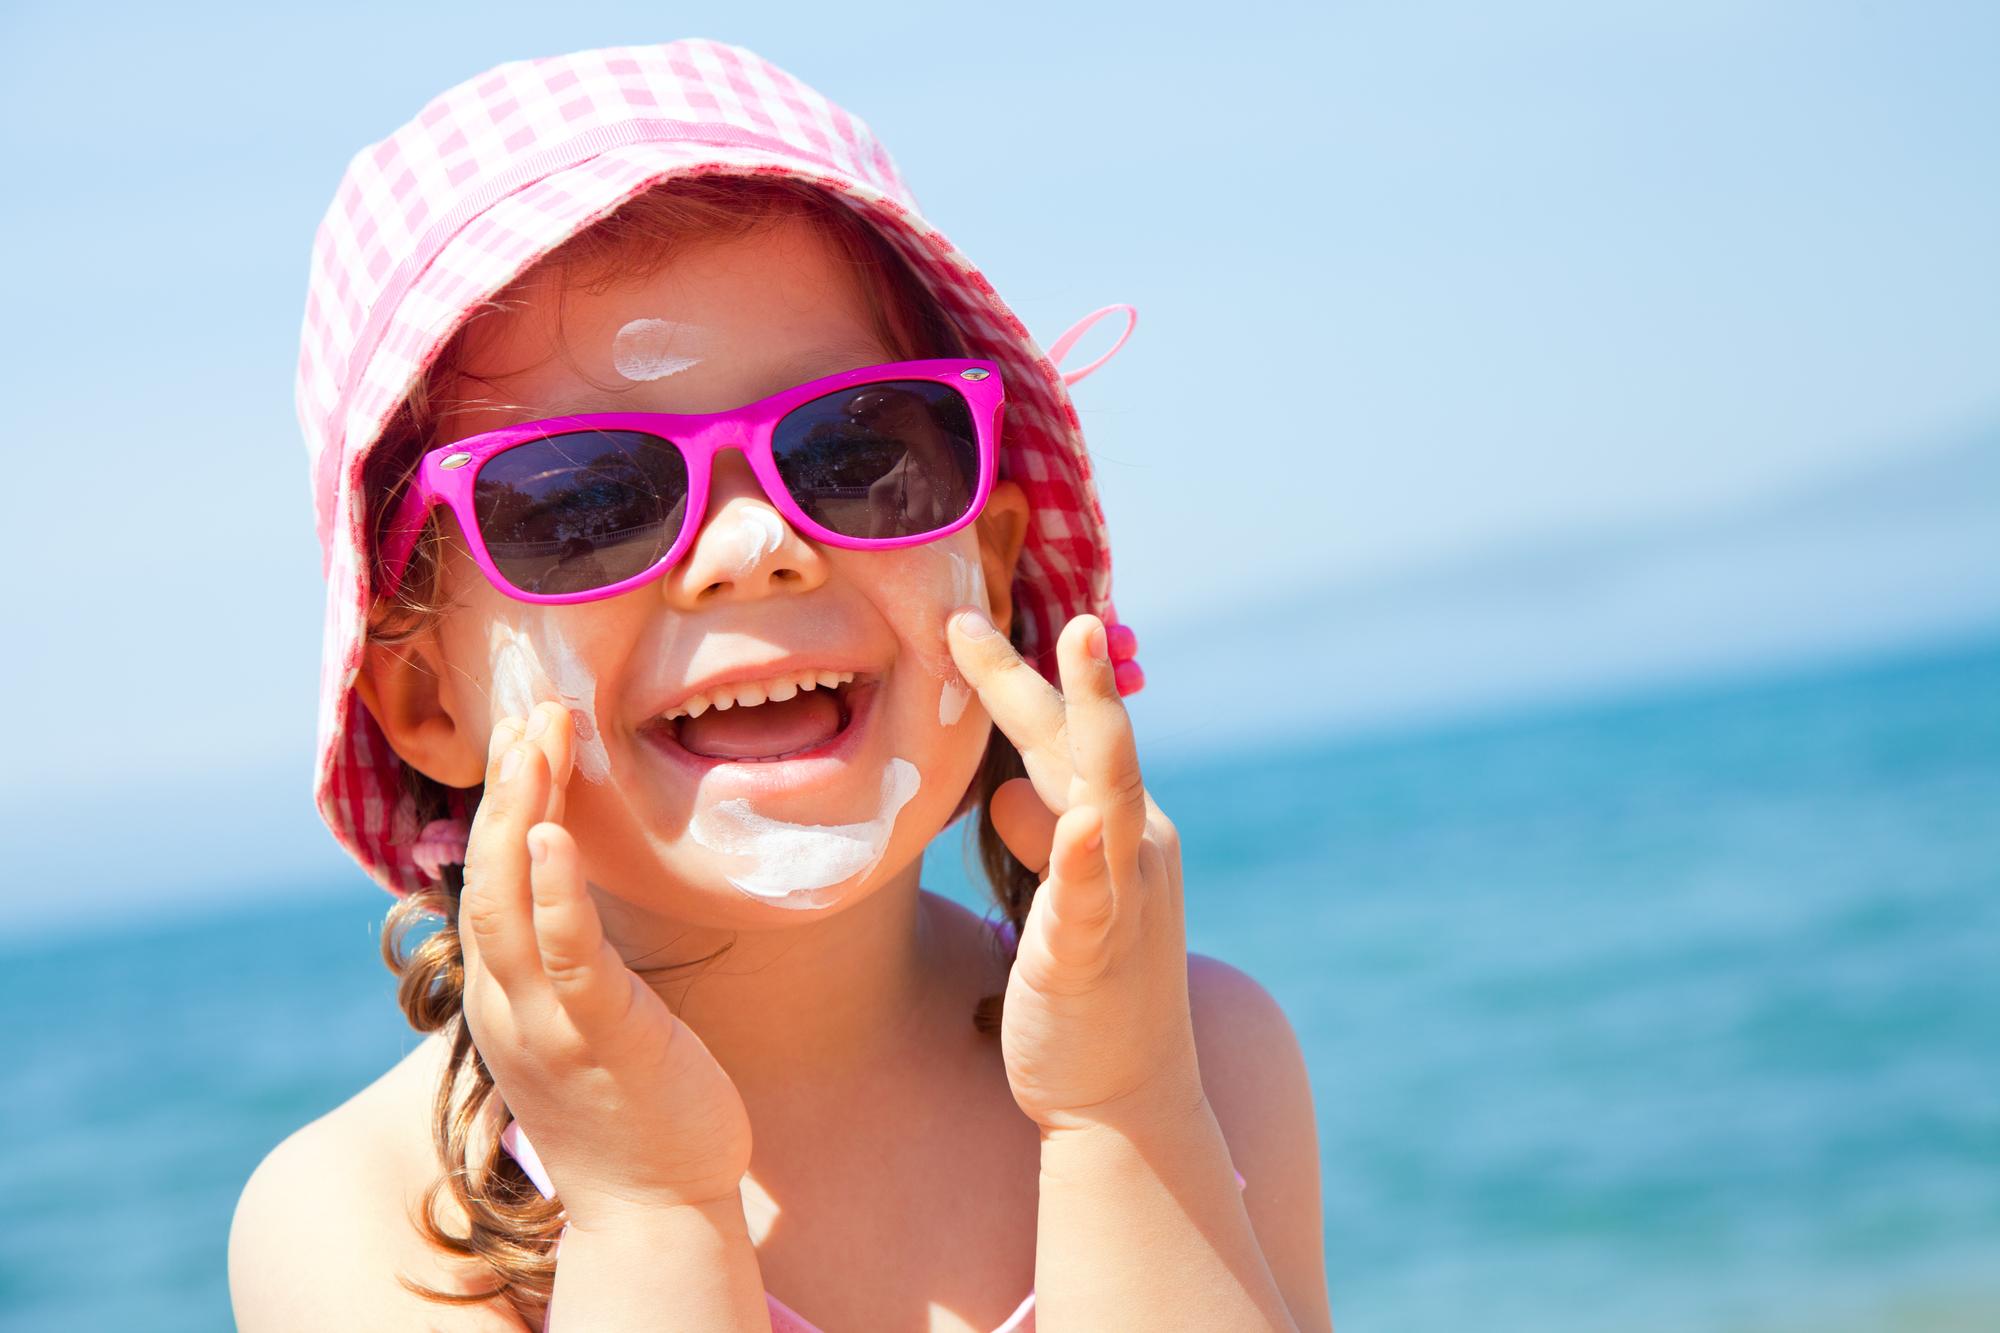 e3980e09b8580 Nos dias de sol crianças também precisam de óculos escuros com ...